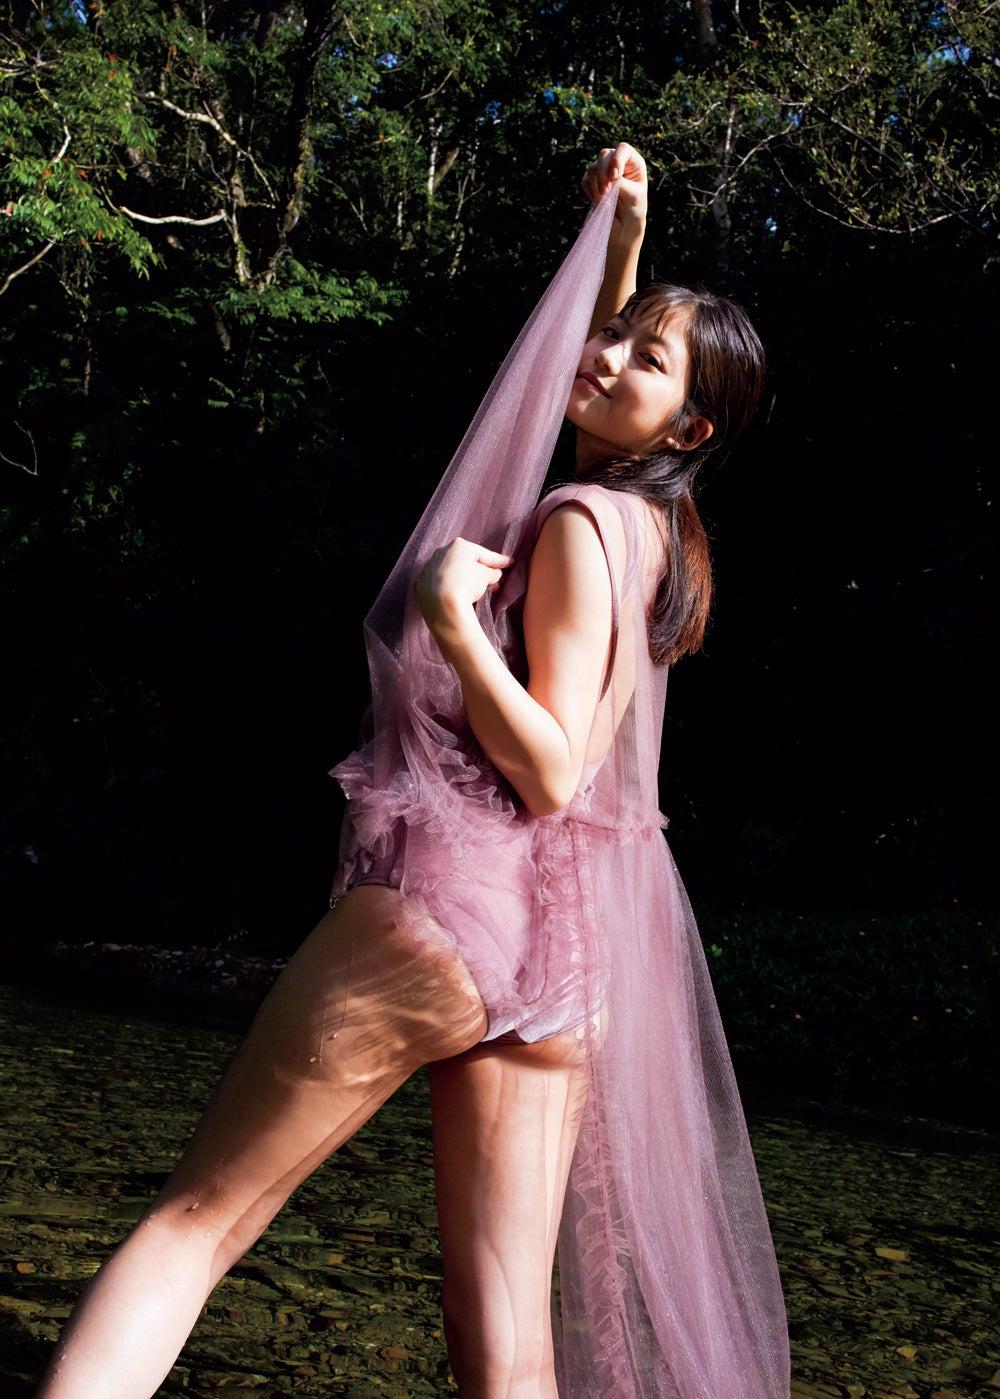 【グラビア】女優・今田美桜、美ヒップあらわに魅了